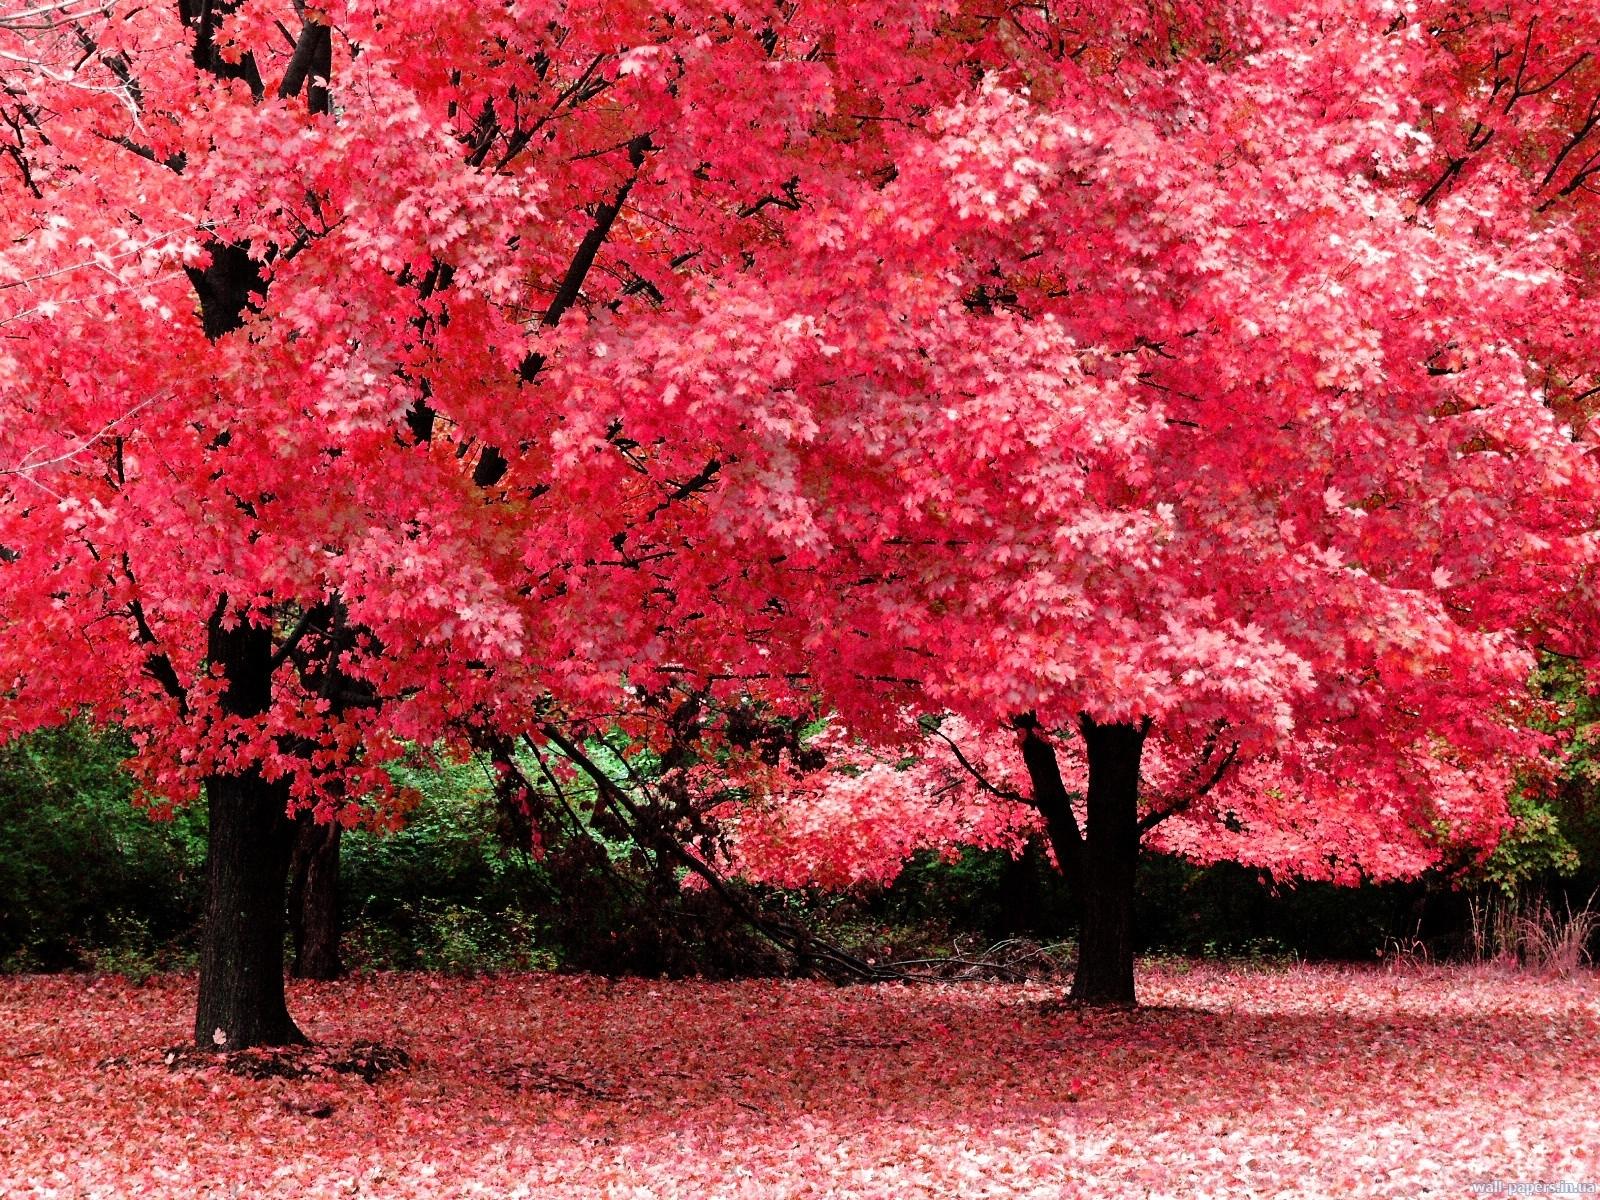 9670 скачать обои Пейзаж, Деревья, Осень - заставки и картинки бесплатно